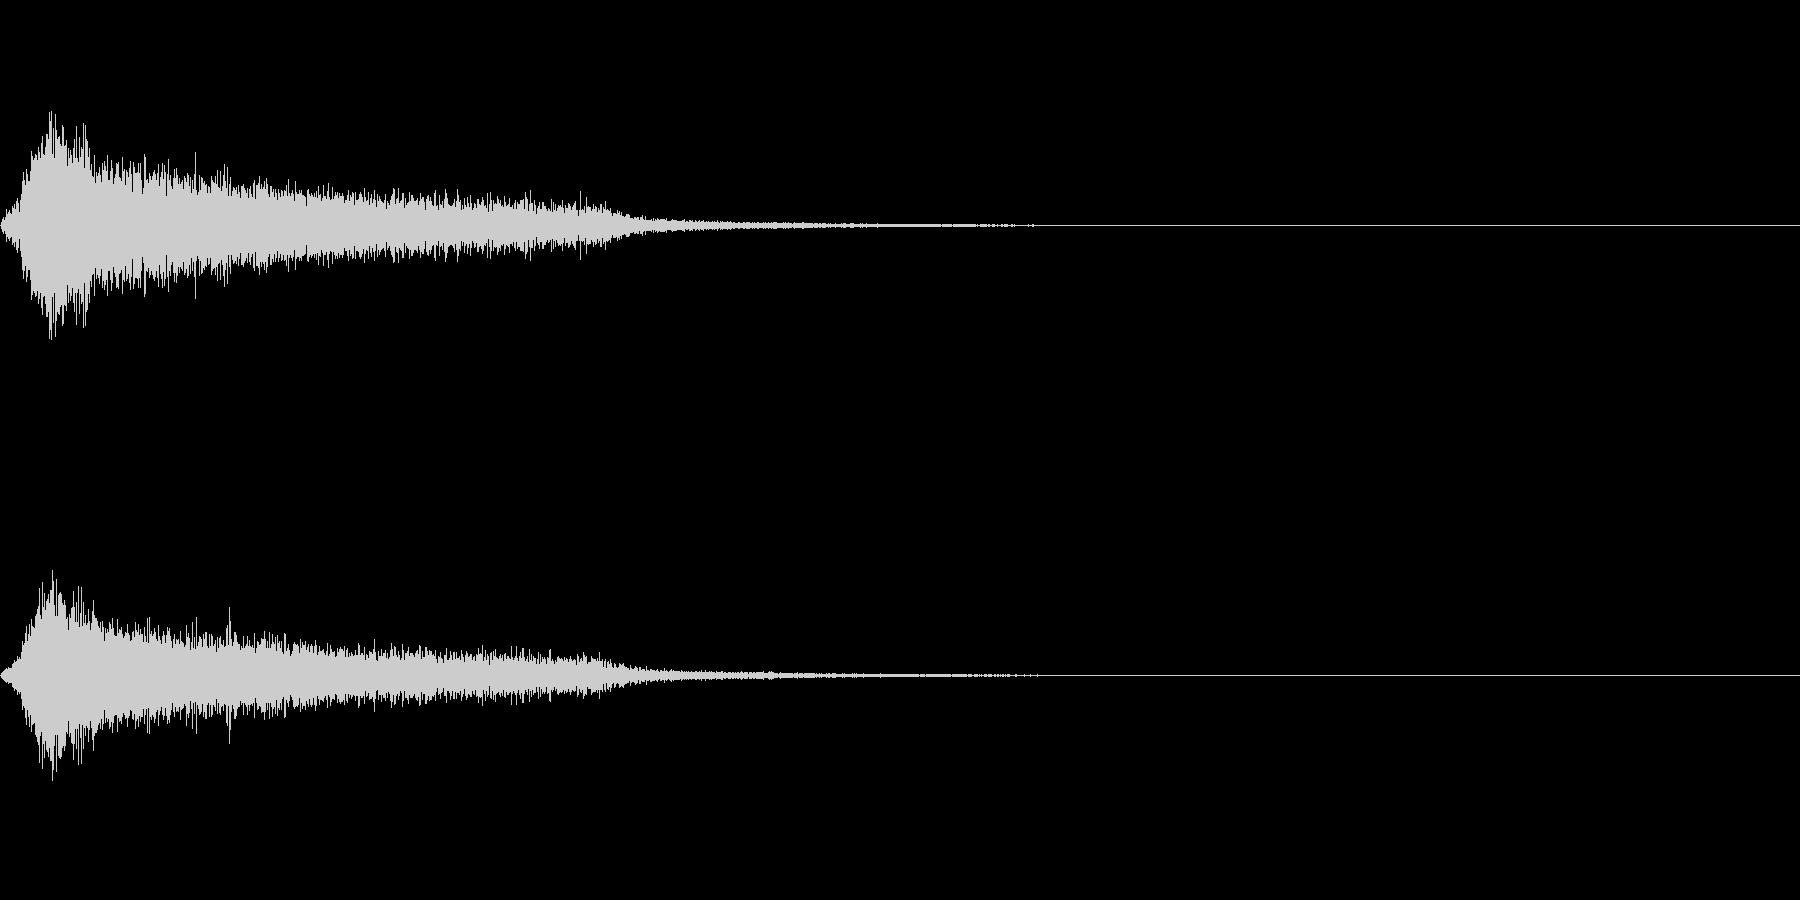 効果音 ホラー その4の未再生の波形